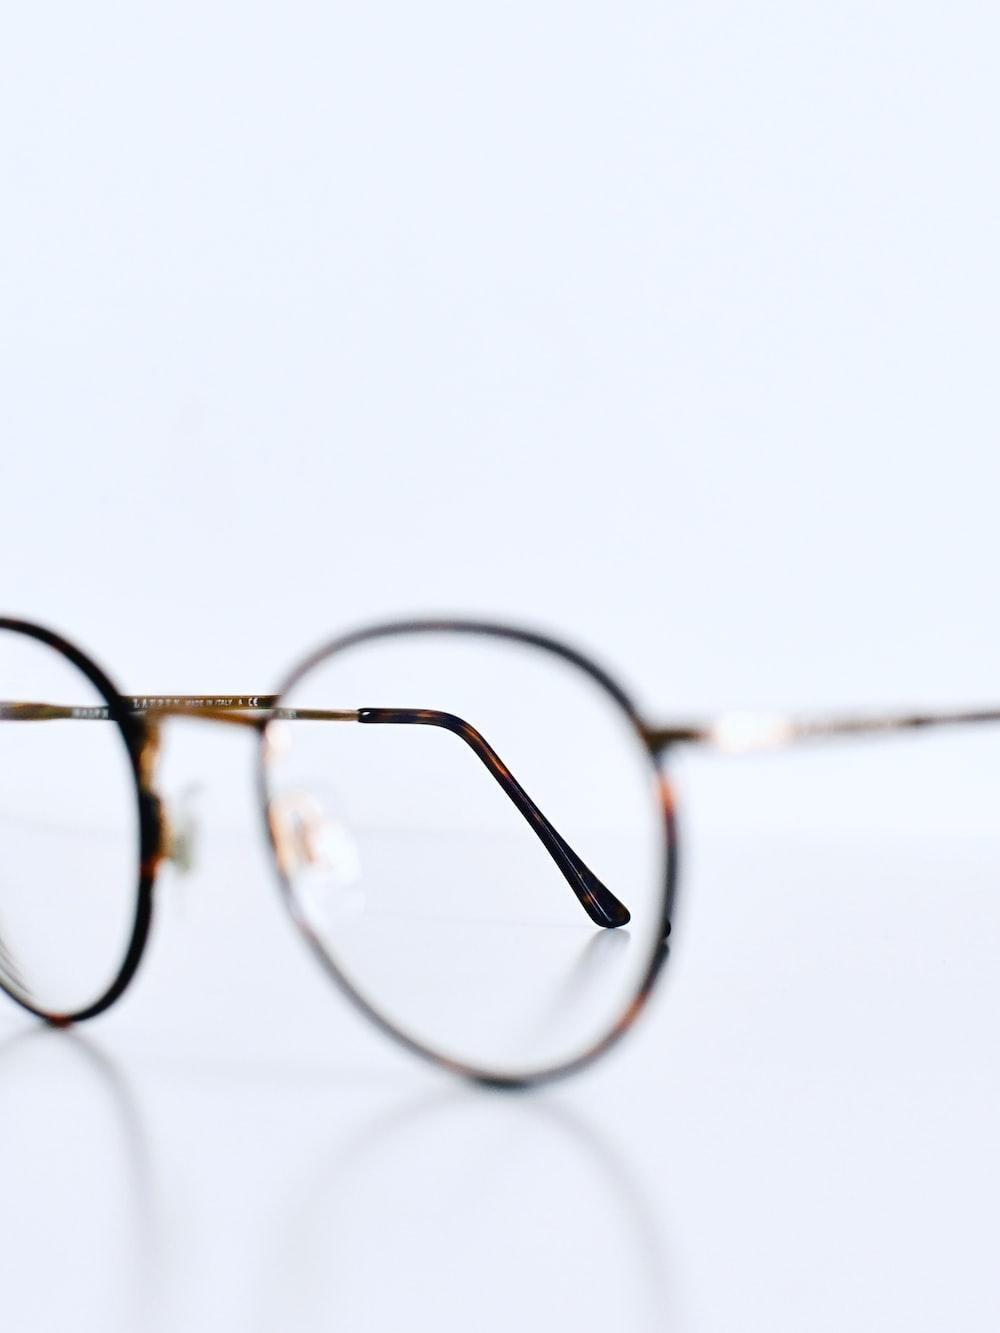 silver framed eyeglasses on white background